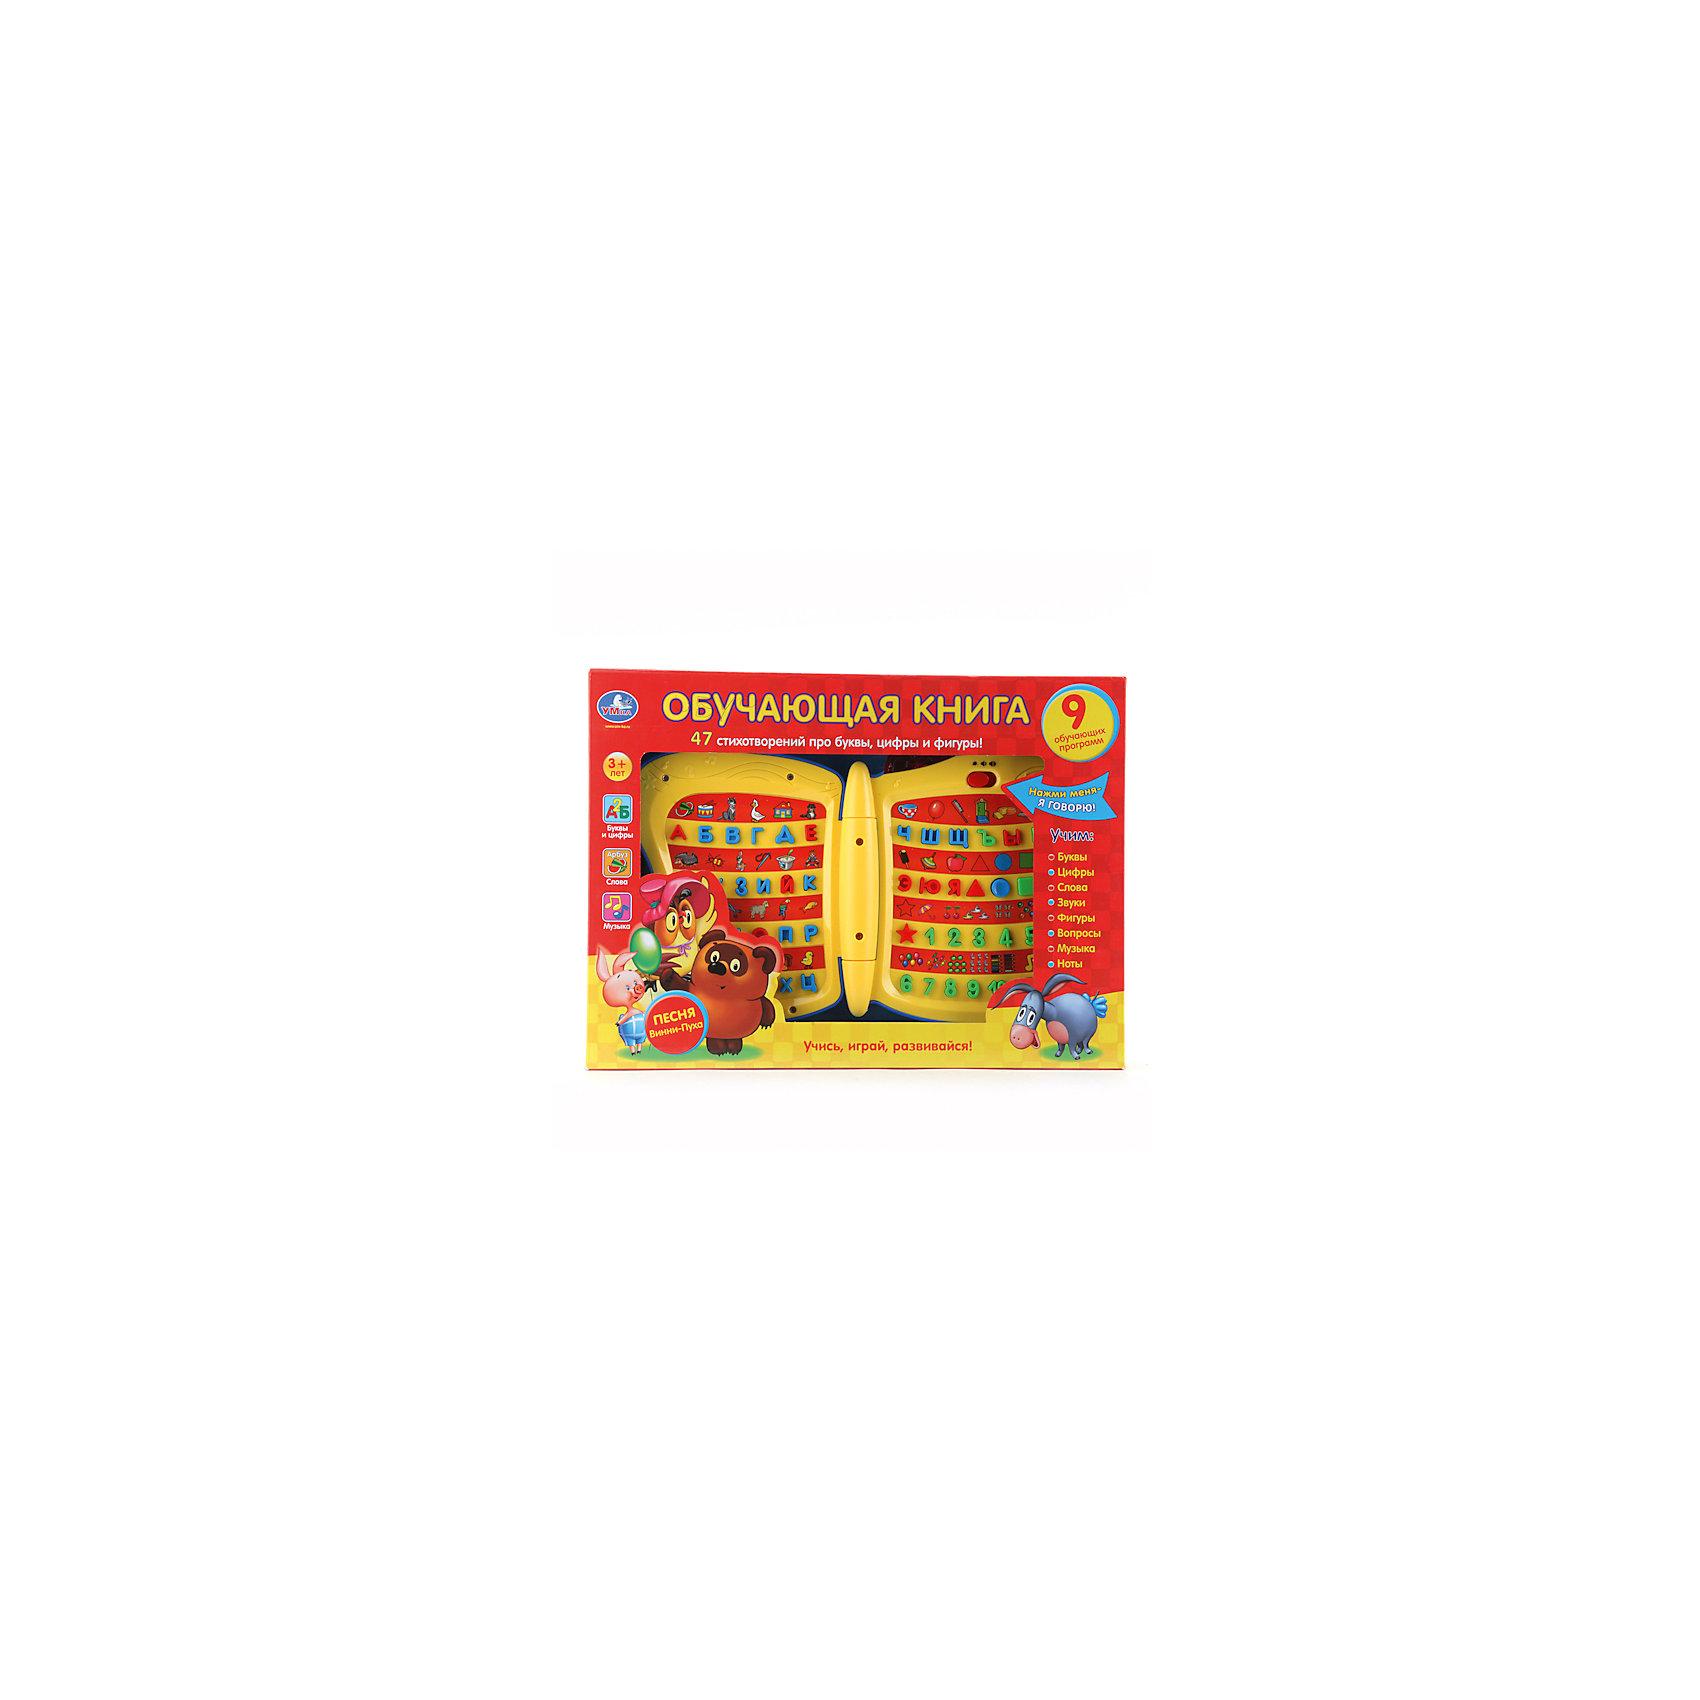 Обучающая книга Винни-Пуха, со светом и звуком, 9 программ, УмкаИнтерактивные игрушки для малышей<br>Обучающая книга Винни-Пуха, со светом и звуком - кладезь знаний и увлекательное пособие для малышей. Книжка яркая и озвучена профессиональными актерами! В режиме «обучение», ребёнок услышит названия цифр, фигур и букв. В режиме «экзамен», малыш закрепит полученные знания. В режиме «стихи», ребёнок услышит стихотворения, которые помогут лучше усвоить знания. А песенка из любимого мультфильма про Винни Пуха поможет развлечься! Игрушка способствует развитию речи, внимания, памяти, визуального и слухового восприятия.  Играй, учись, развивайся!<br><br>Дополнительная информация:<br><br>- 9 обучающих программ;<br>- 47 стихотворений про буквы, цифры, фигуры;<br>- В игровой форме поможет выучить: буквы, цифры, слова, звуки, фигуры, вопросы, ноты;<br>- Яркий дизайн;<br>- Понравится поклонникам мультфильма про Винни Пуха;<br>- Световые кнопки;<br>- Озвучена профессиональными актерами;<br>- Батарейки 3 х АА входят в комплект;<br>- Размер игрушки: 30 х 17,5 х 2 см;<br>- Вес: 740 г <br>Внимание! Цвет данного товара представлен в ассортименте и возможно получение товара в розовом, красном, синем цвете. При заказе нескольких единиц товара, возможно получение одинаковых.<br><br>Обучающую книгу Винни-Пуха, со светом и звуком, 9 программ, Умка можно купить в нашем интернет-магазине.<br><br>Ширина мм: 340<br>Глубина мм: 60<br>Высота мм: 250<br>Вес г: 740<br>Возраст от месяцев: 12<br>Возраст до месяцев: 60<br>Пол: Унисекс<br>Возраст: Детский<br>SKU: 3939478